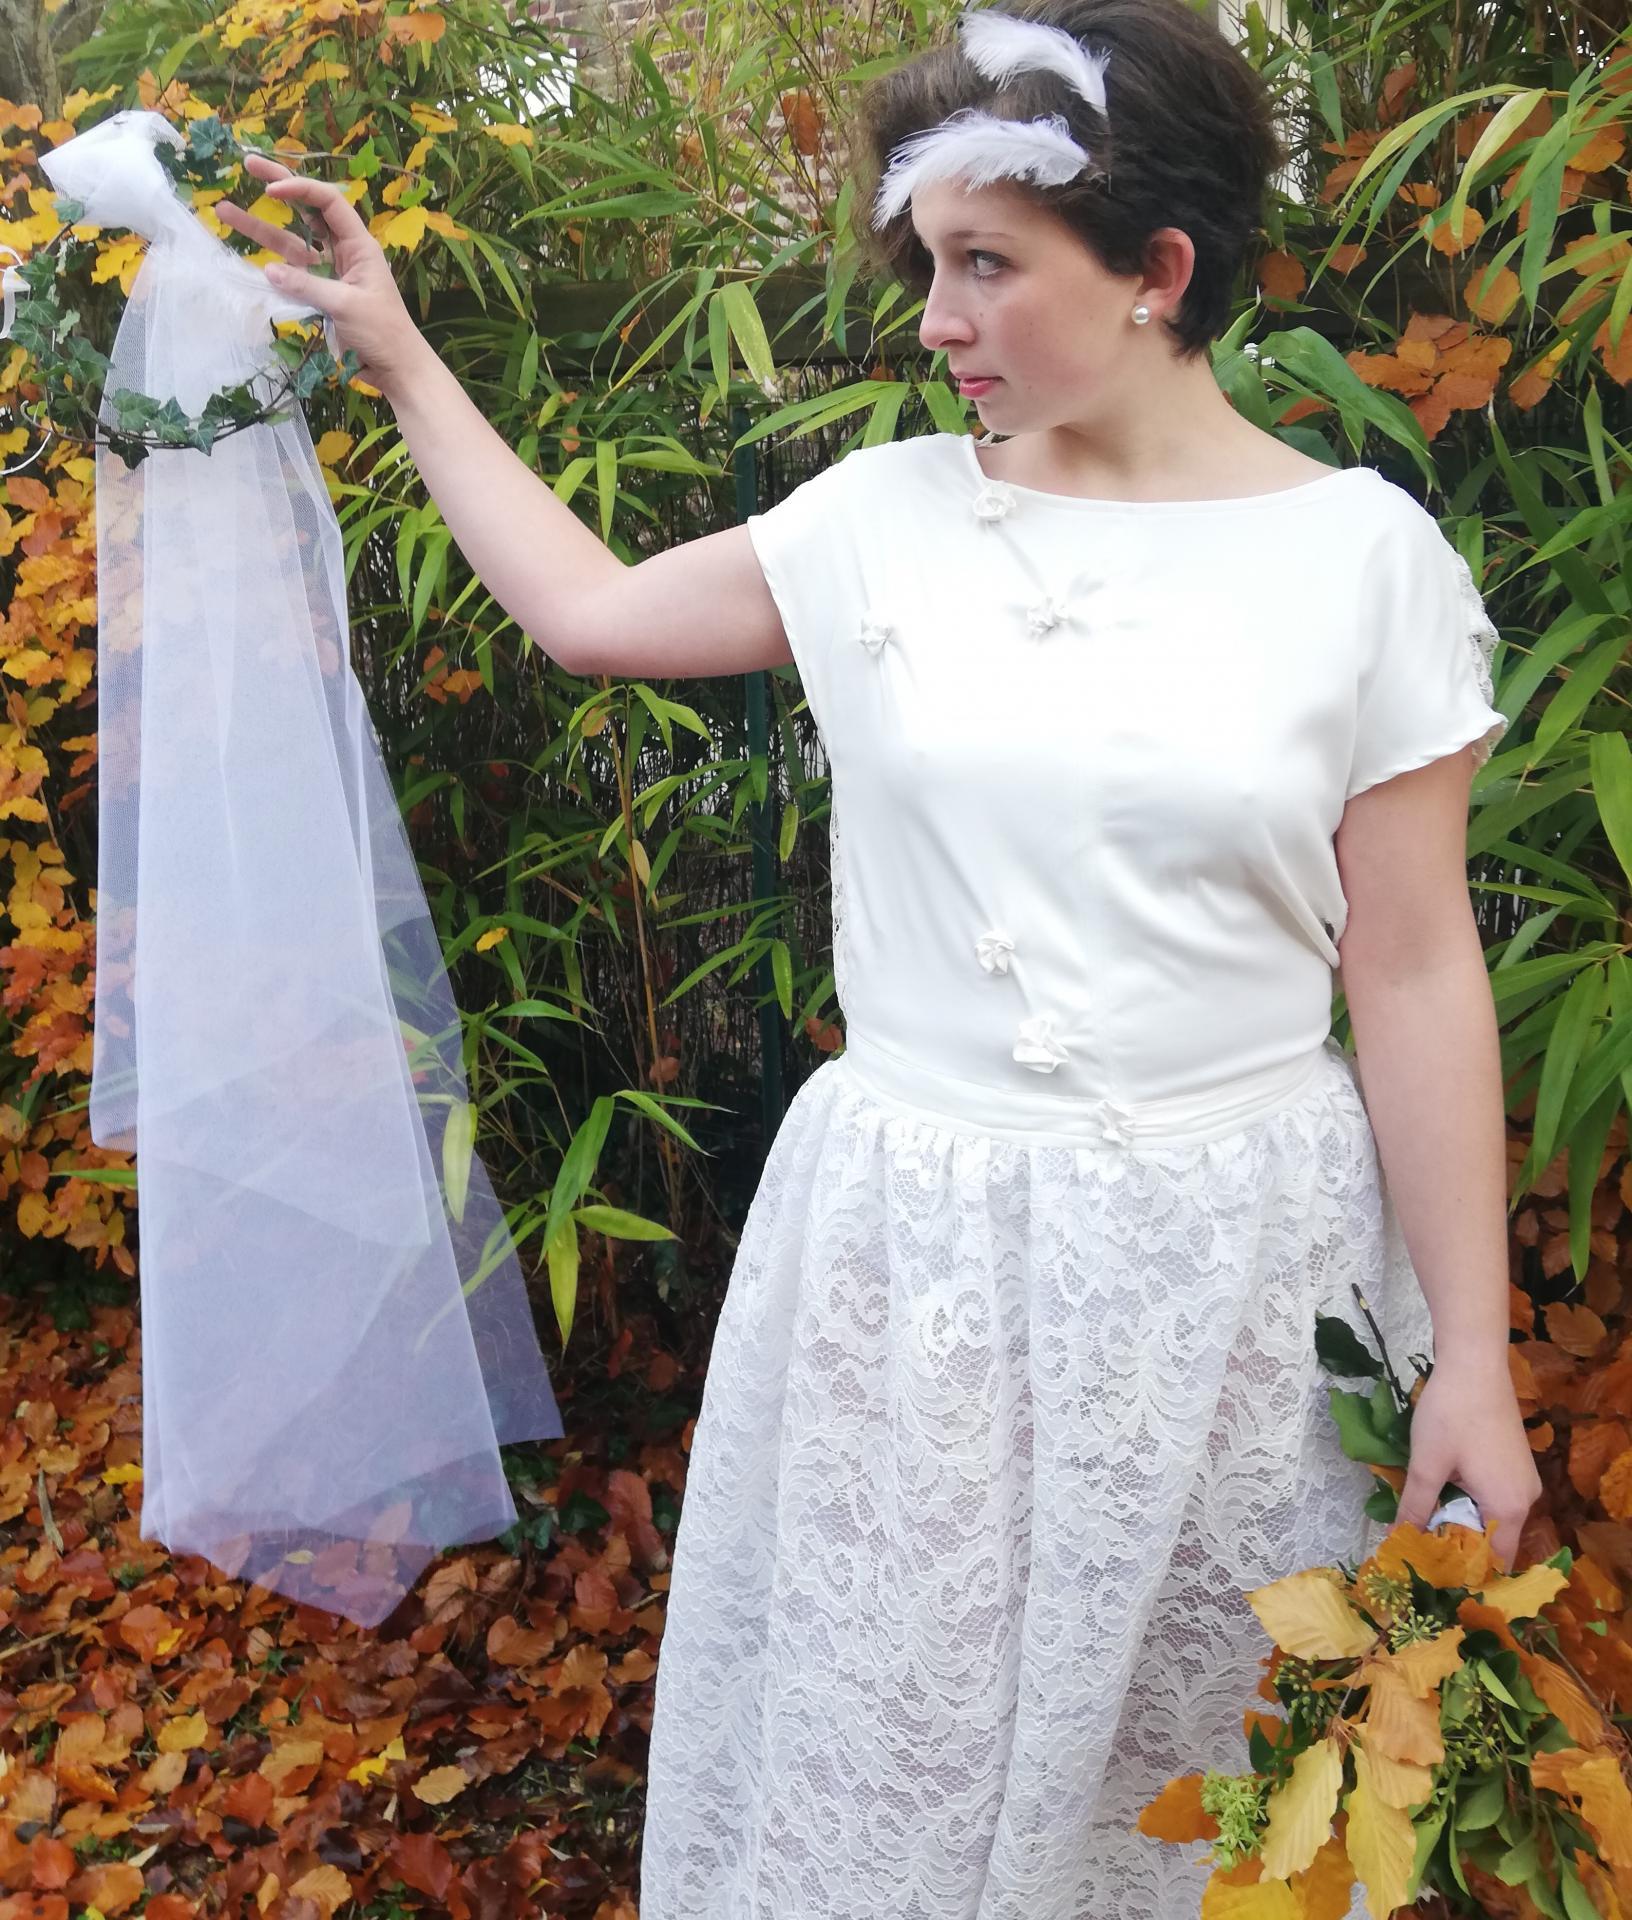 Robe de mariee reversible dentelle tulle et viscose rose faconnee a la main avec un coeur de nacre couronne fleurs et plumes fifi au jardin pose 19